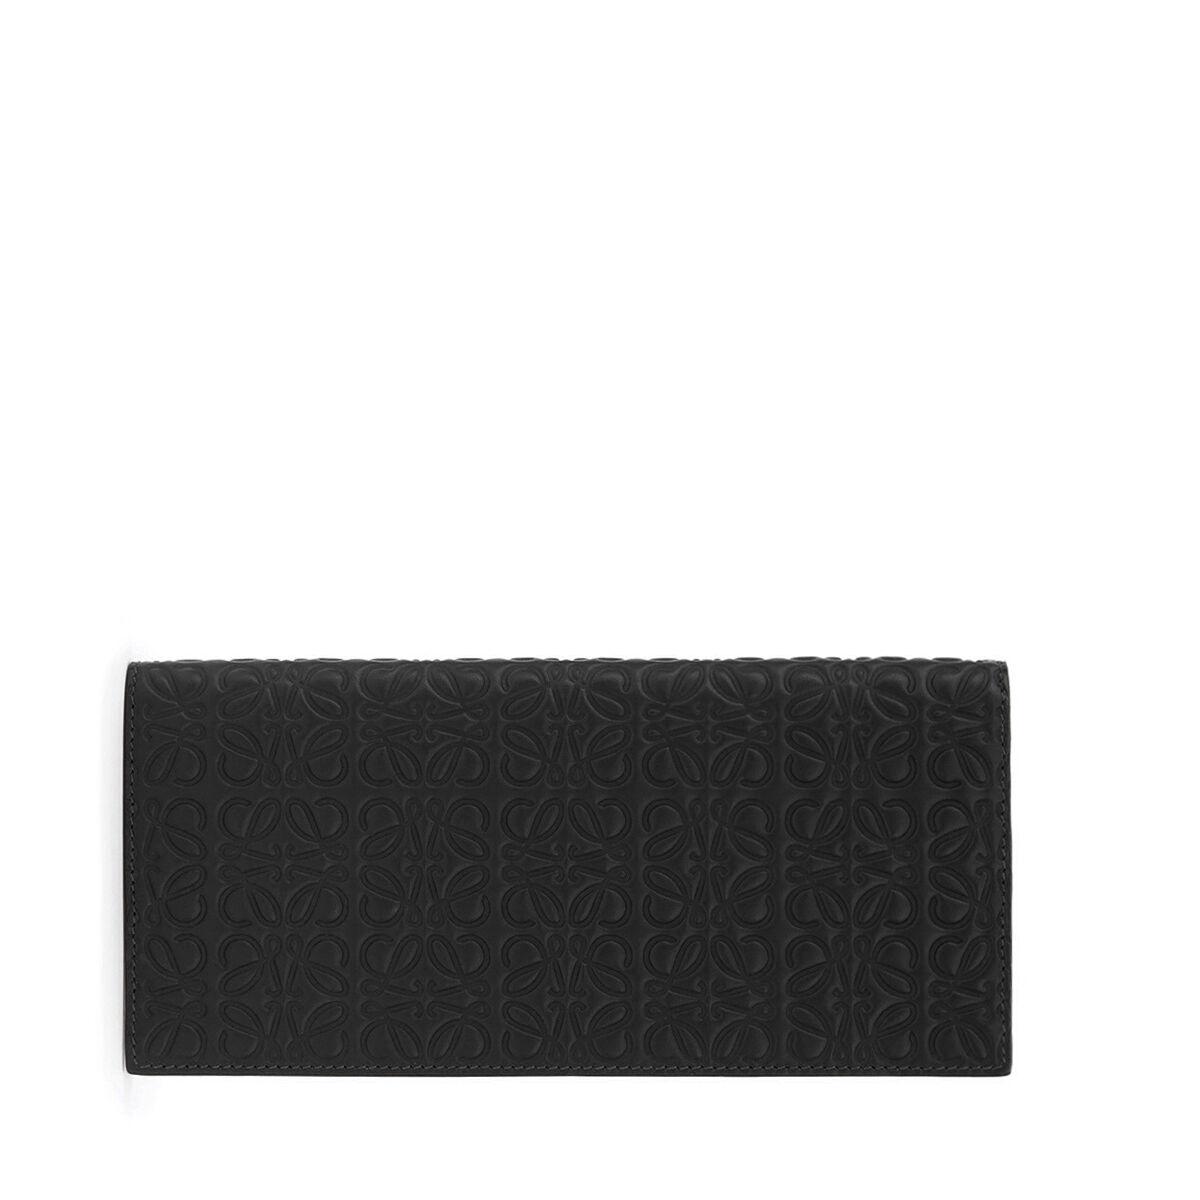 LOEWE Long Horizontal Wallet Black all